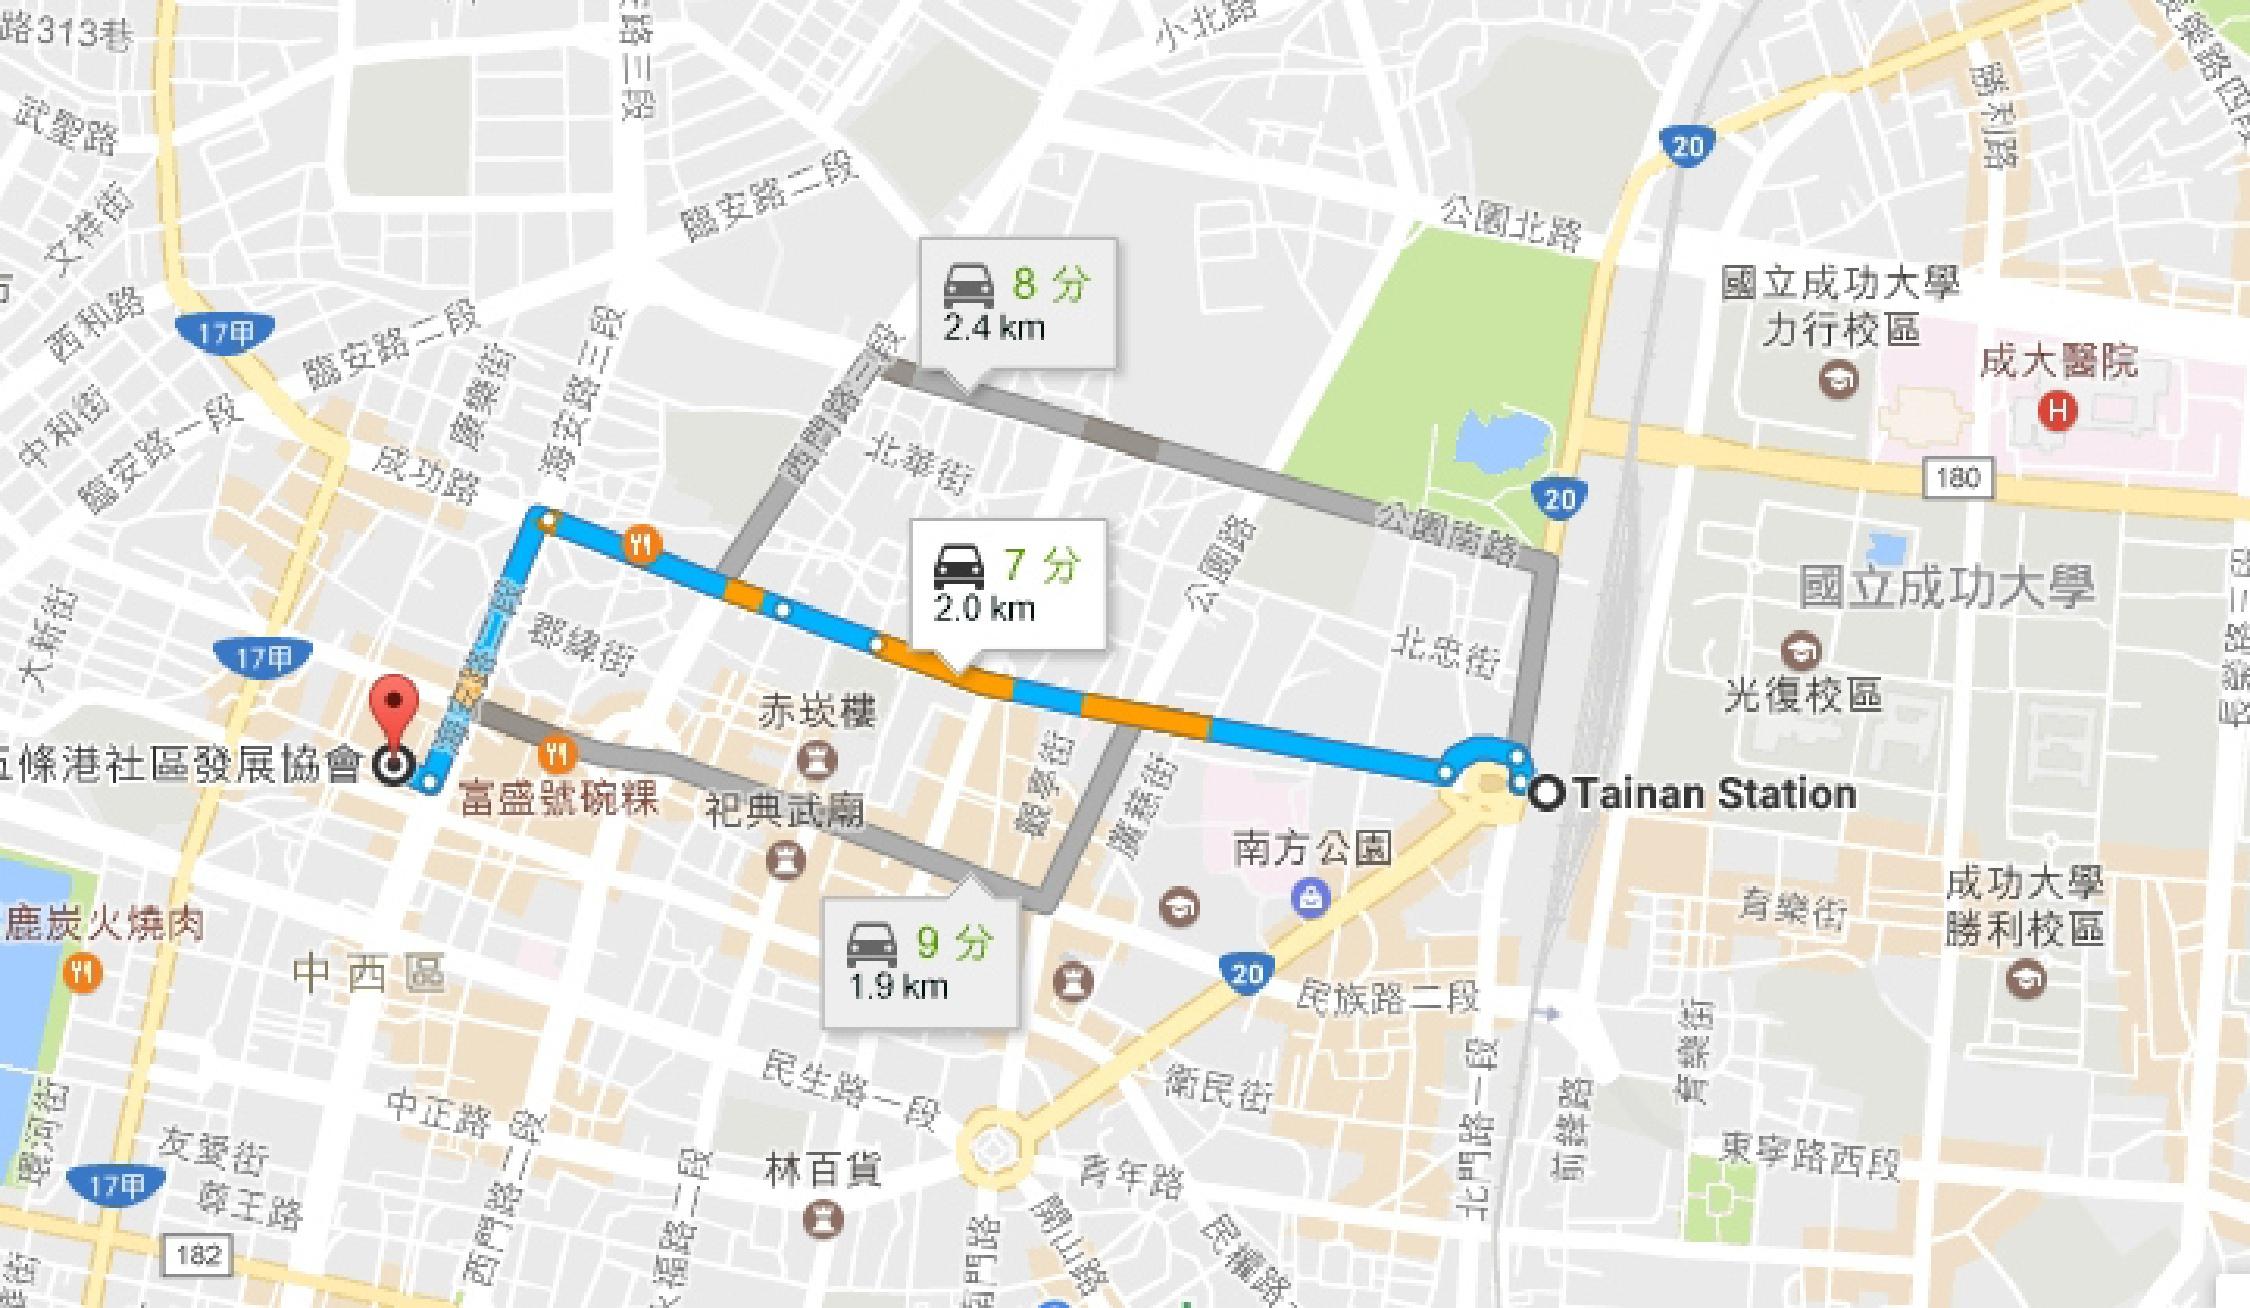 台南市神農街70號:五條港發展協會